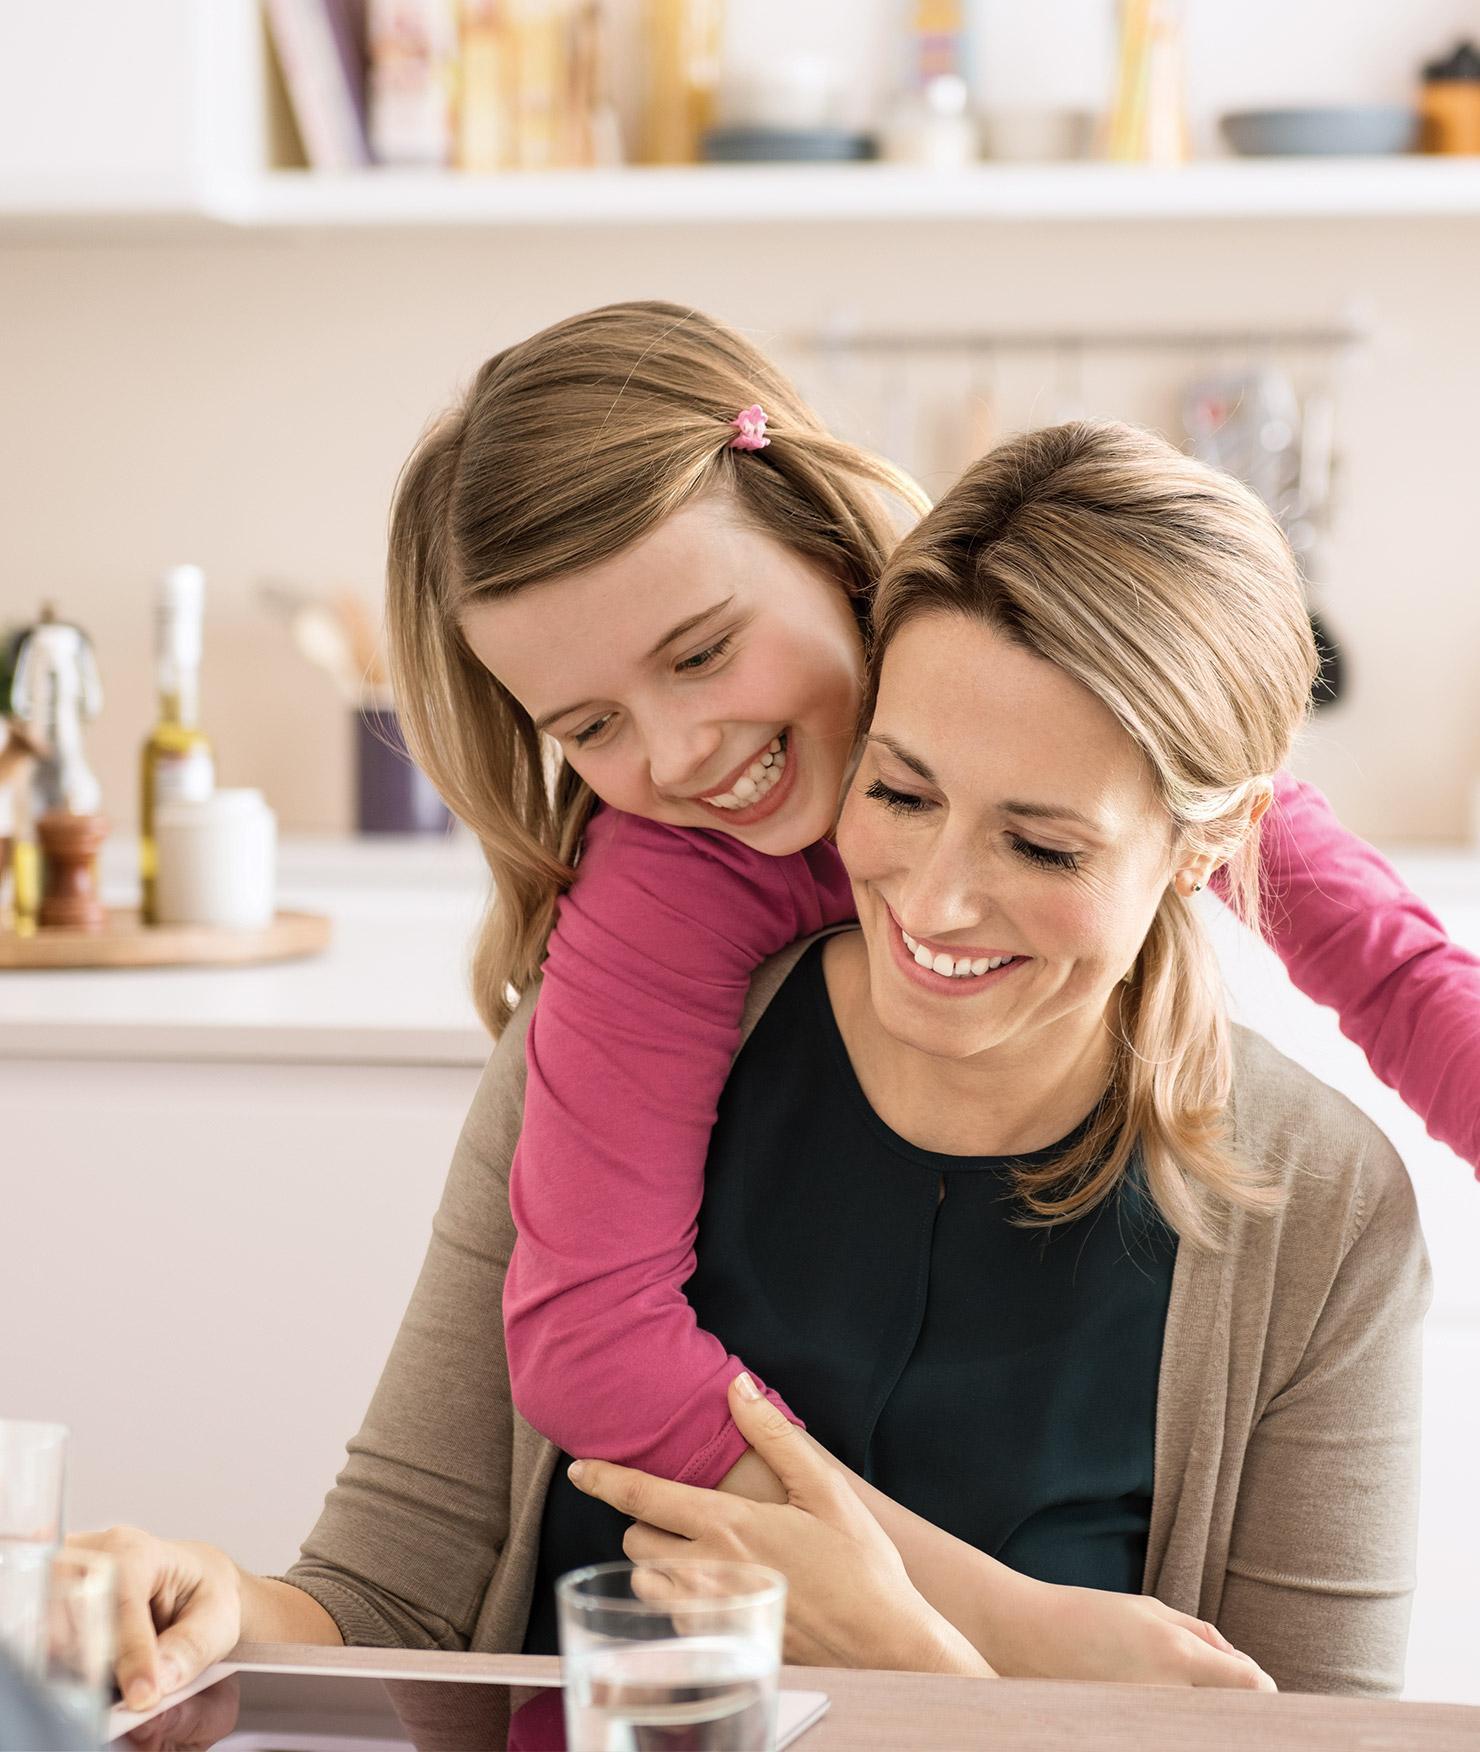 Madre e figlia felici in una cucina.